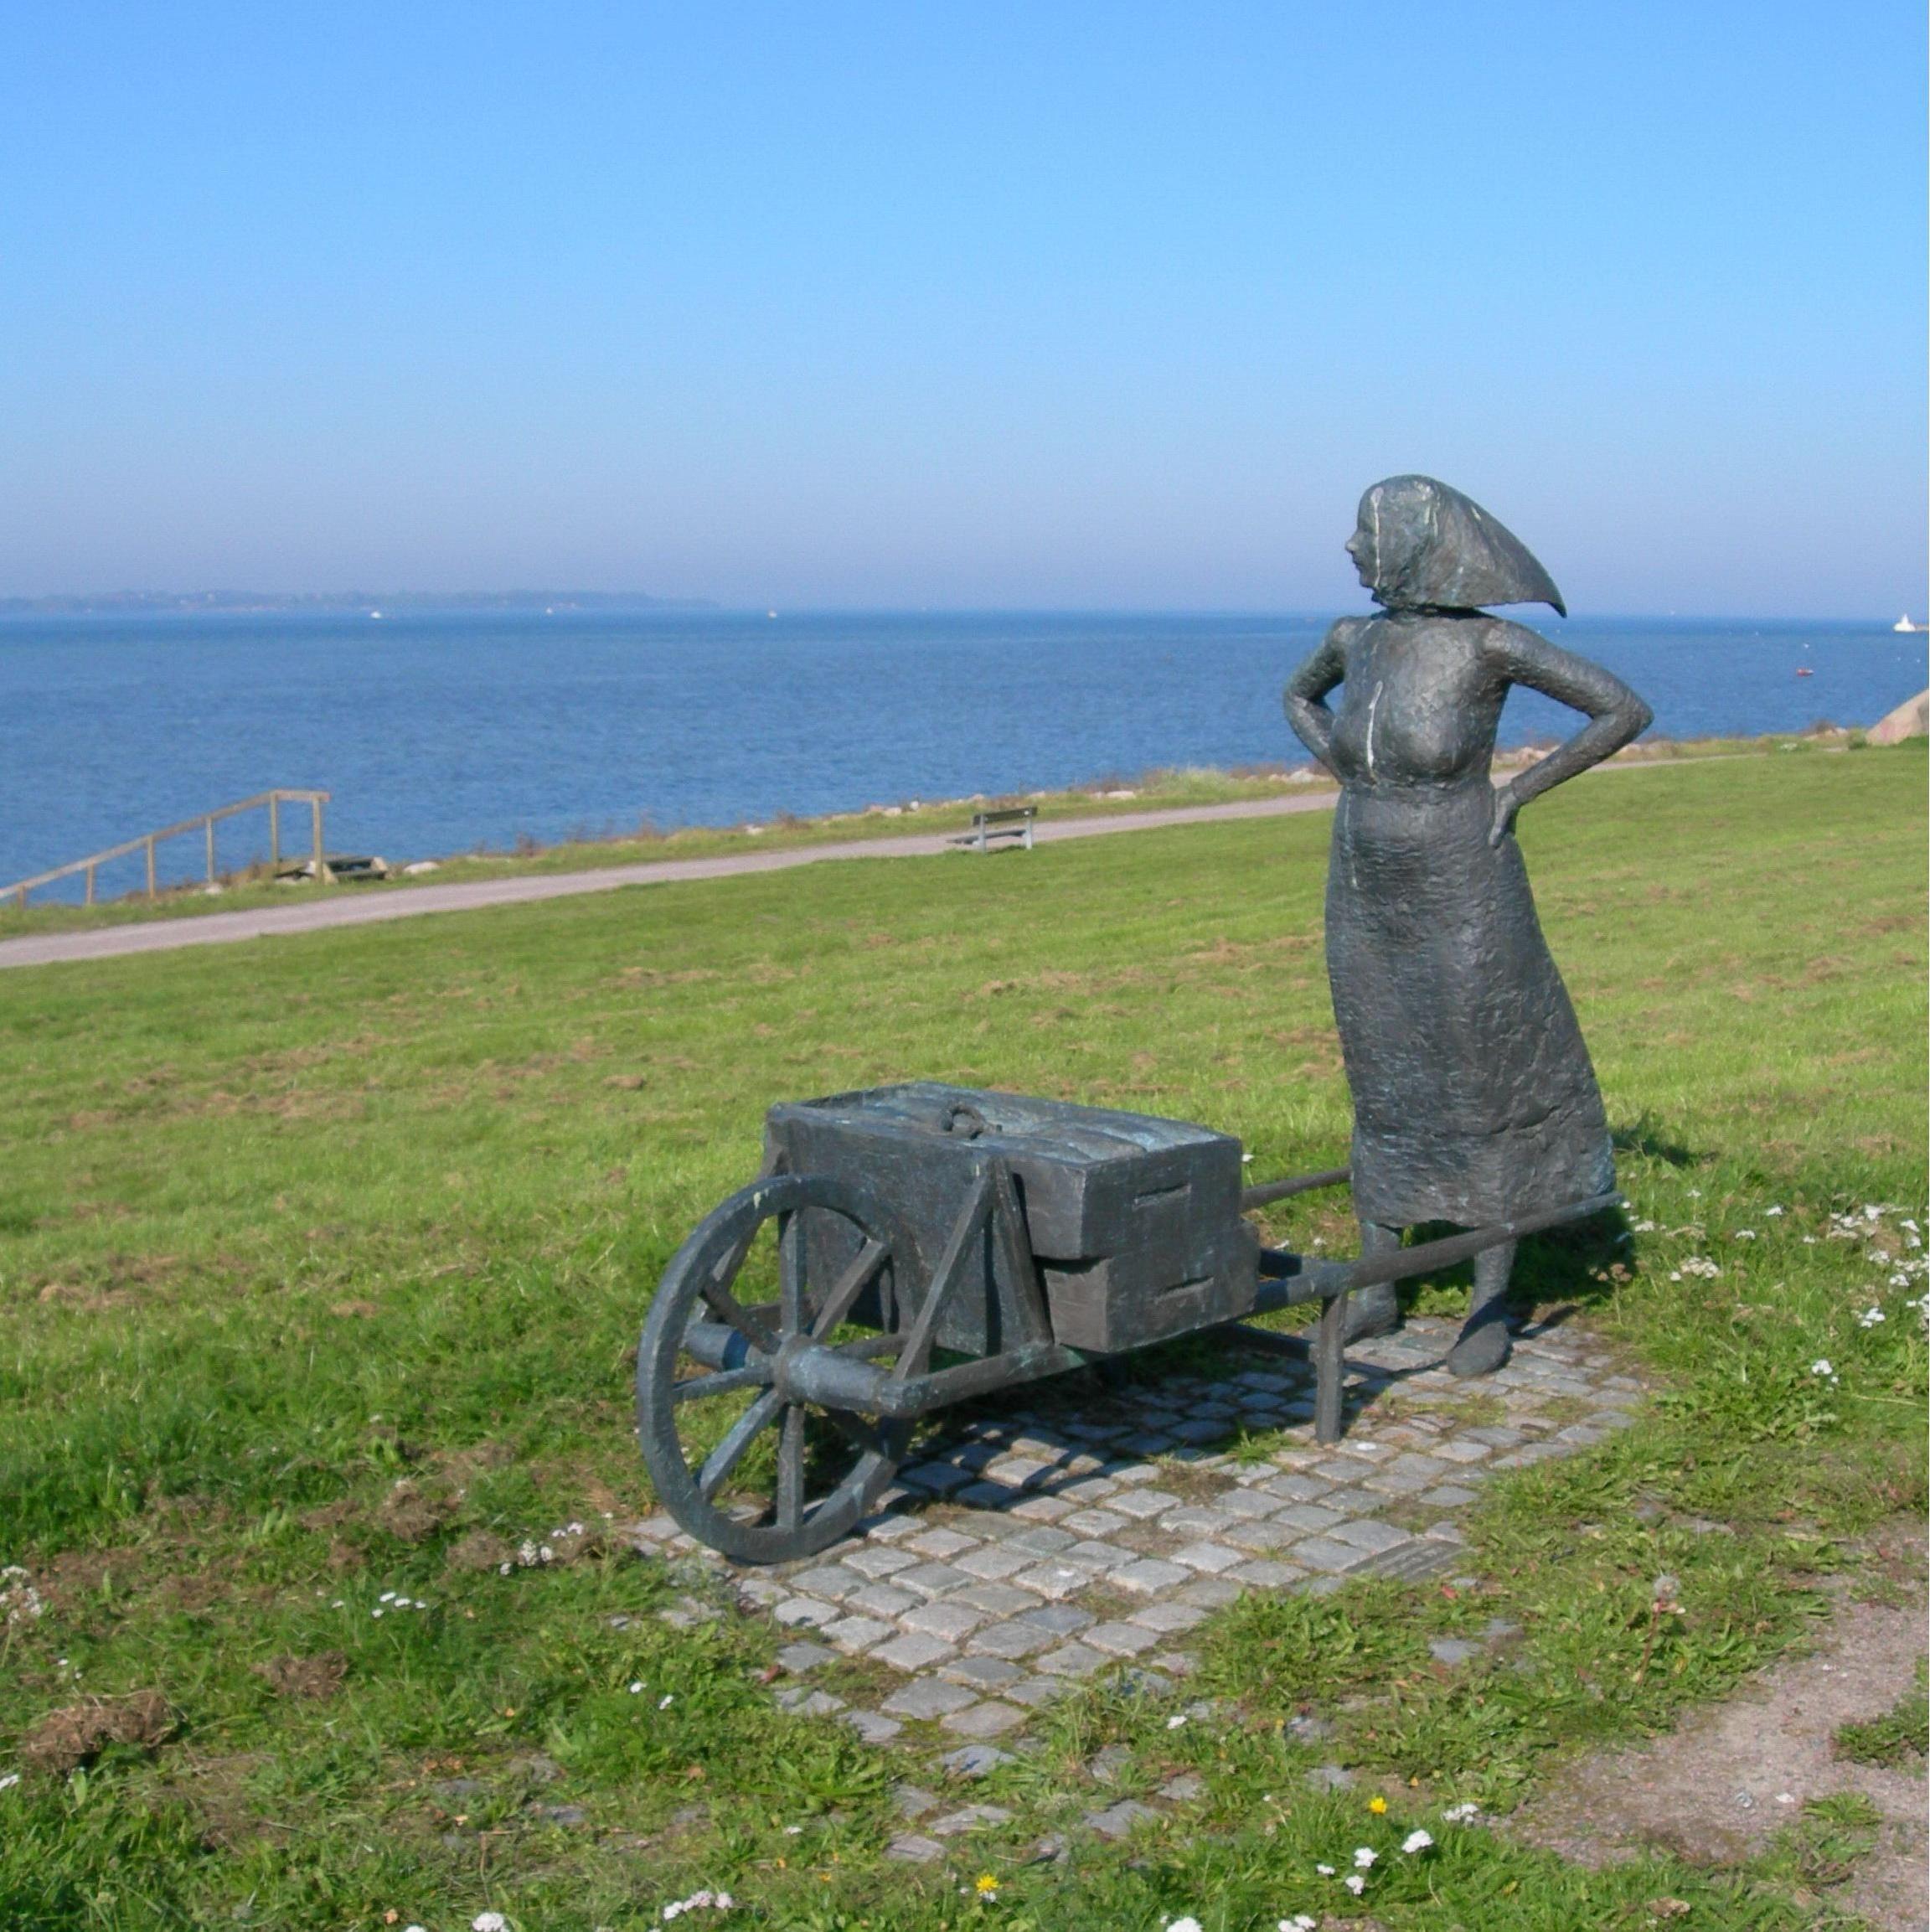 Foto: Turistbyrån Landskrona - Ven, Sculptures and public art